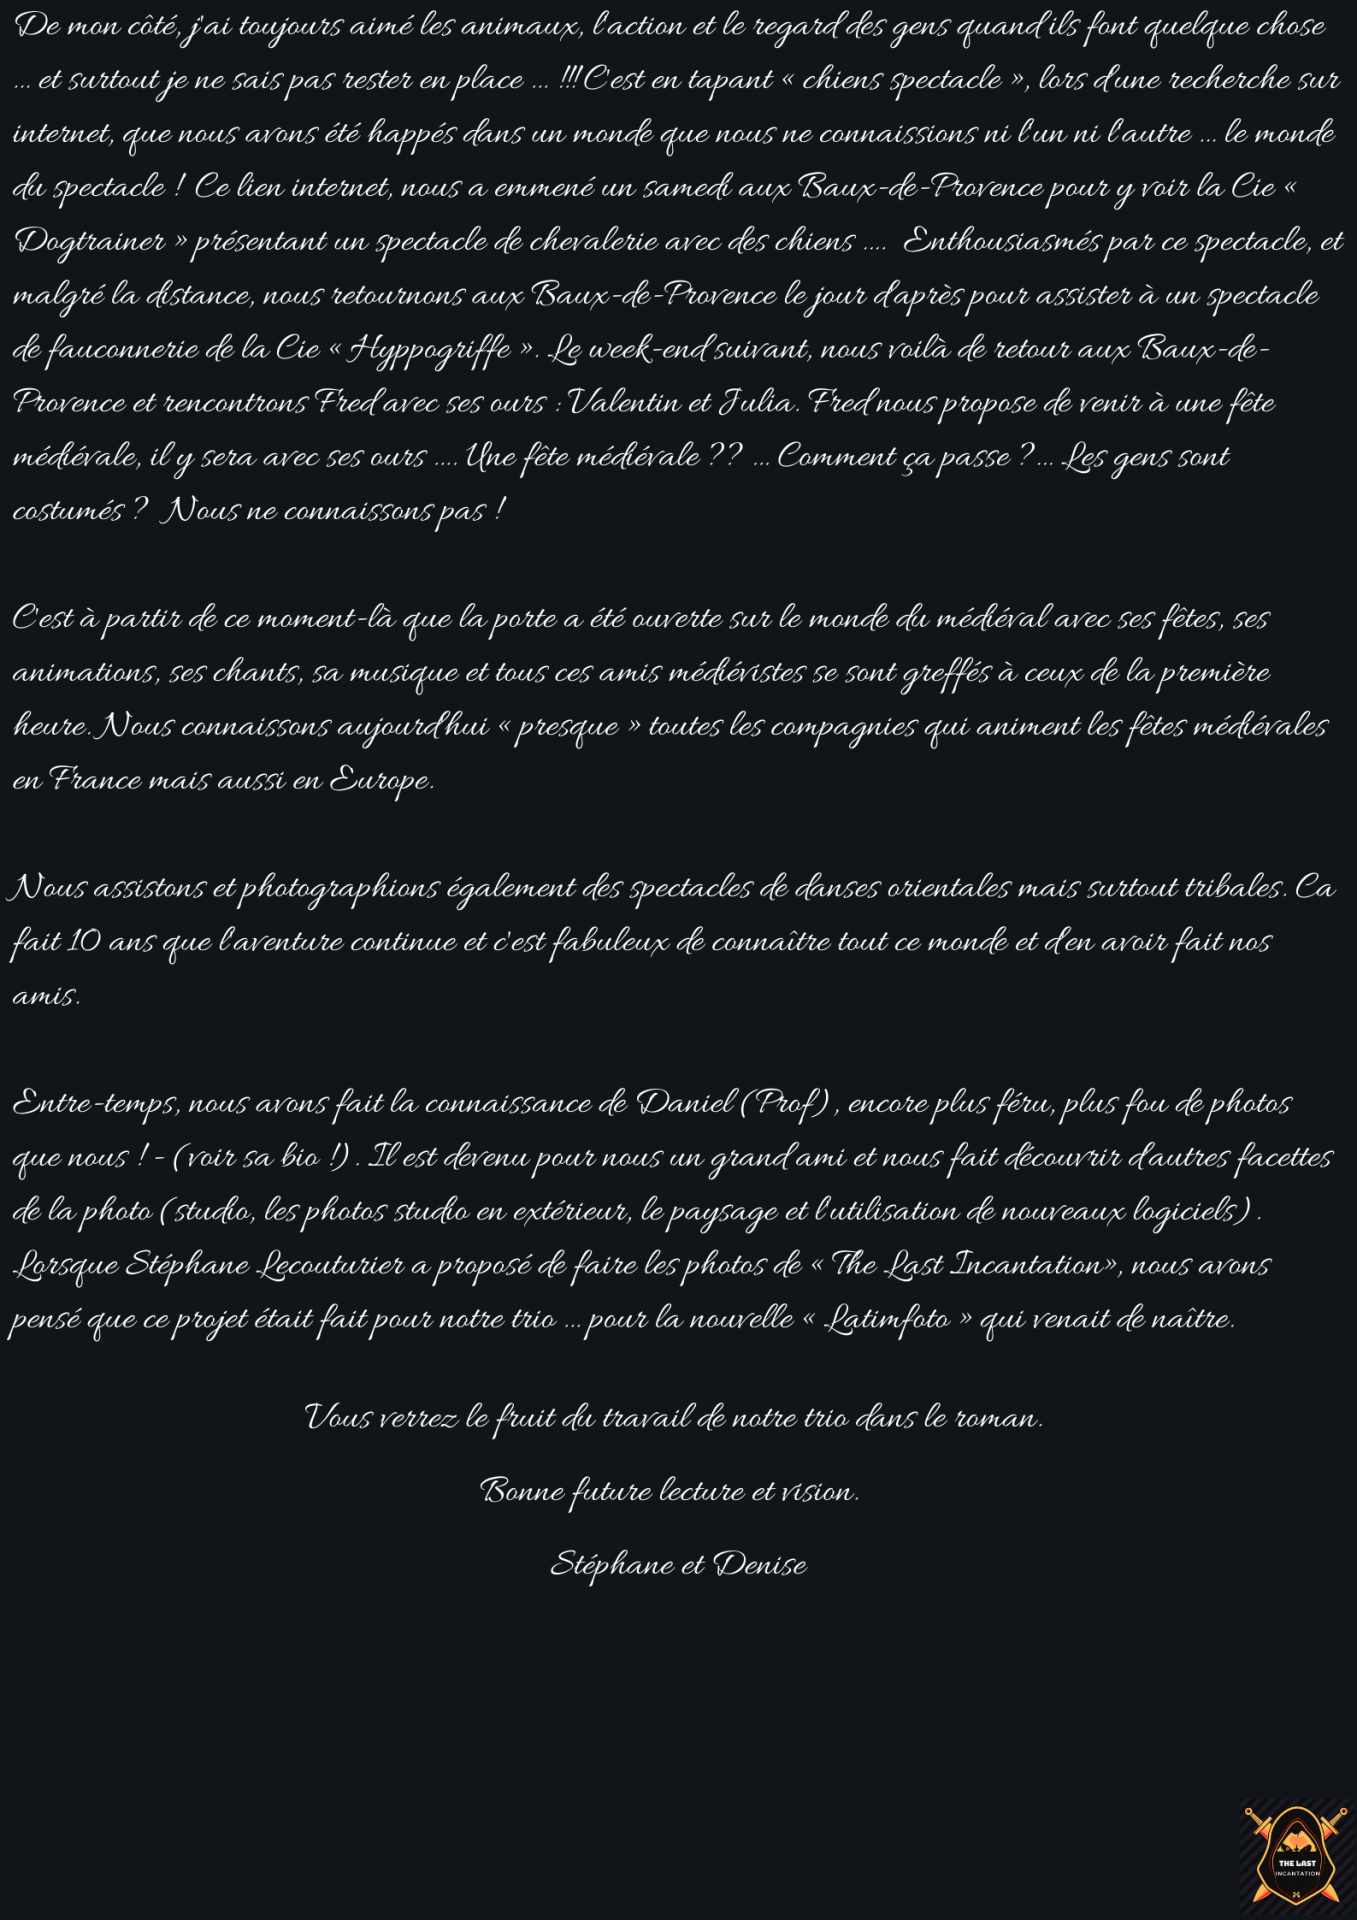 Stephane ardjian et denise riboulet photographes officiels de the last incantation 3